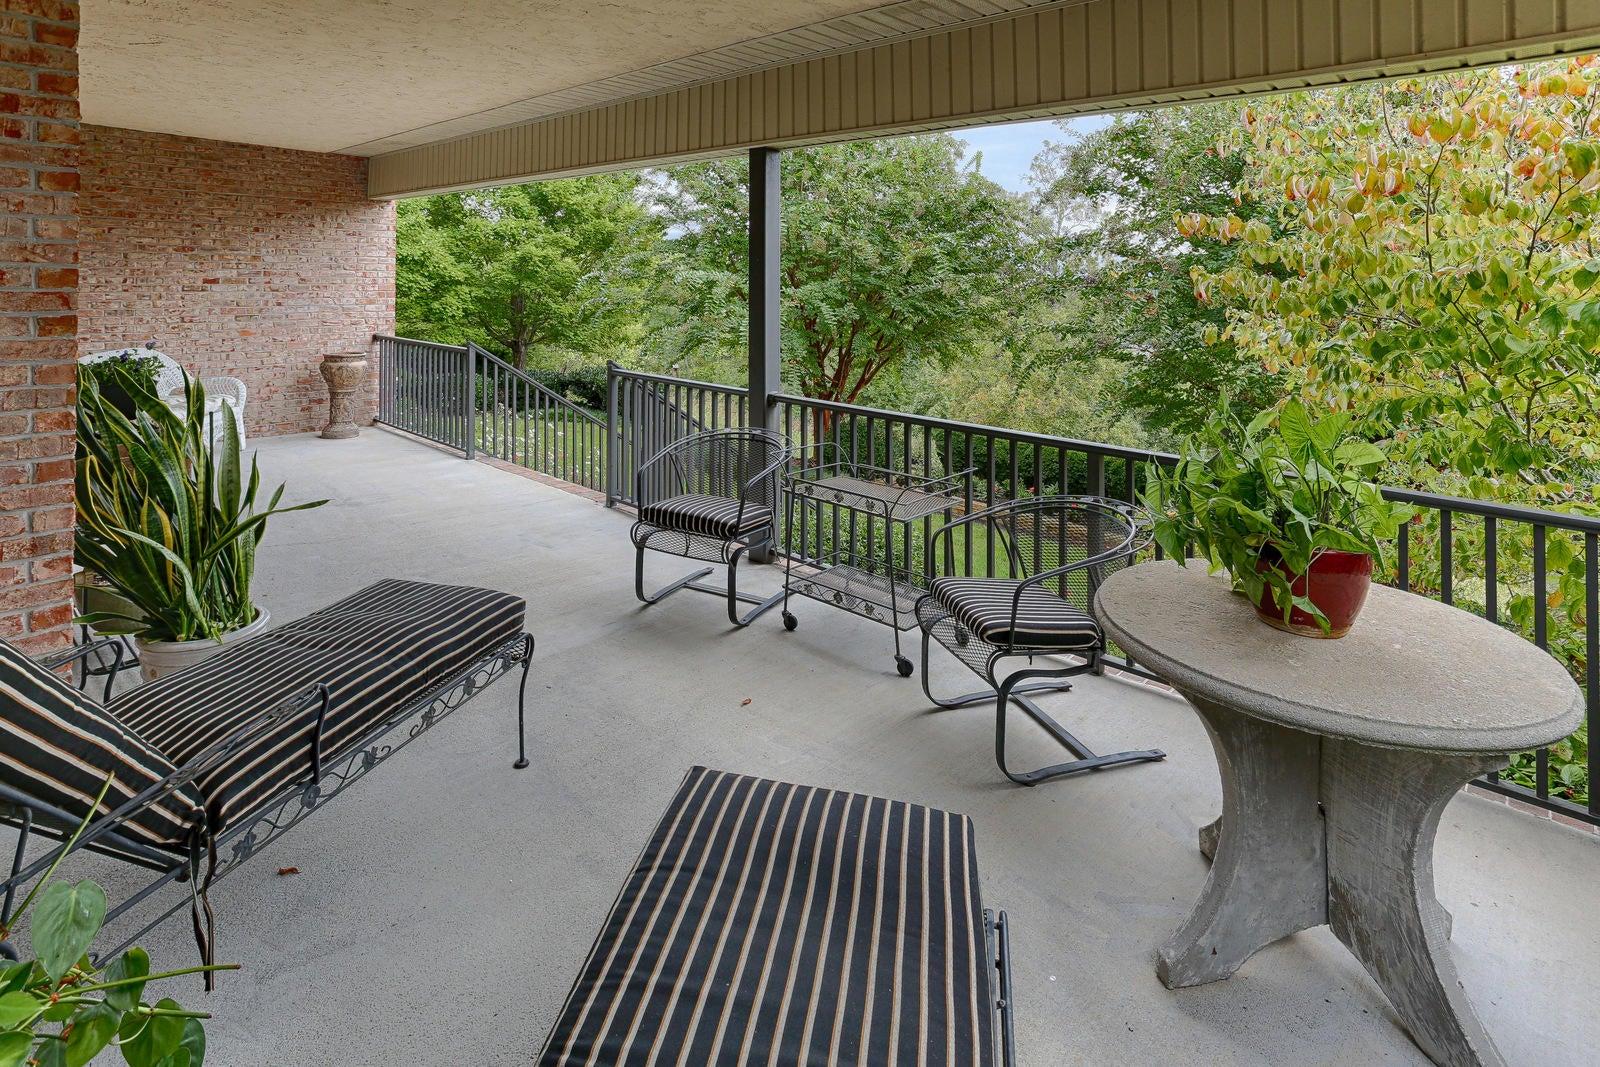 LL patio